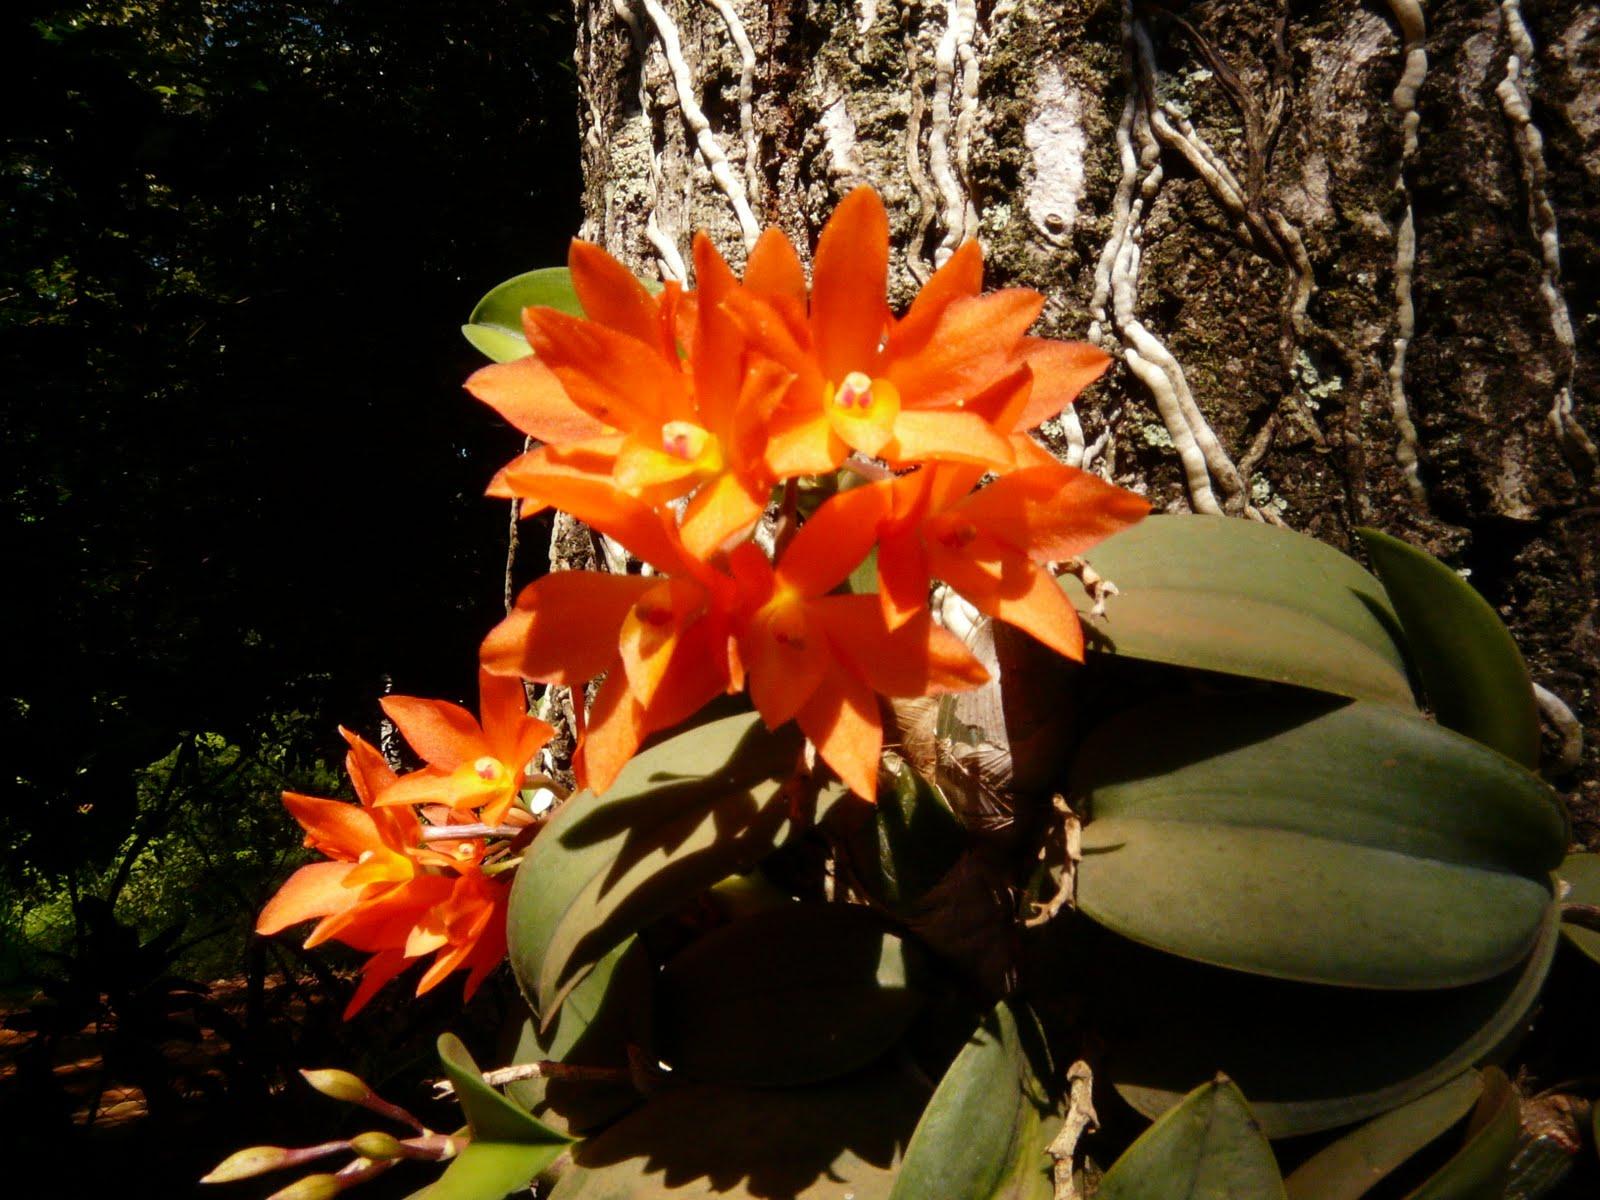 Fotos De Flores Muy Hermosas - Bonitas imagenes de aves y flores, con musica para